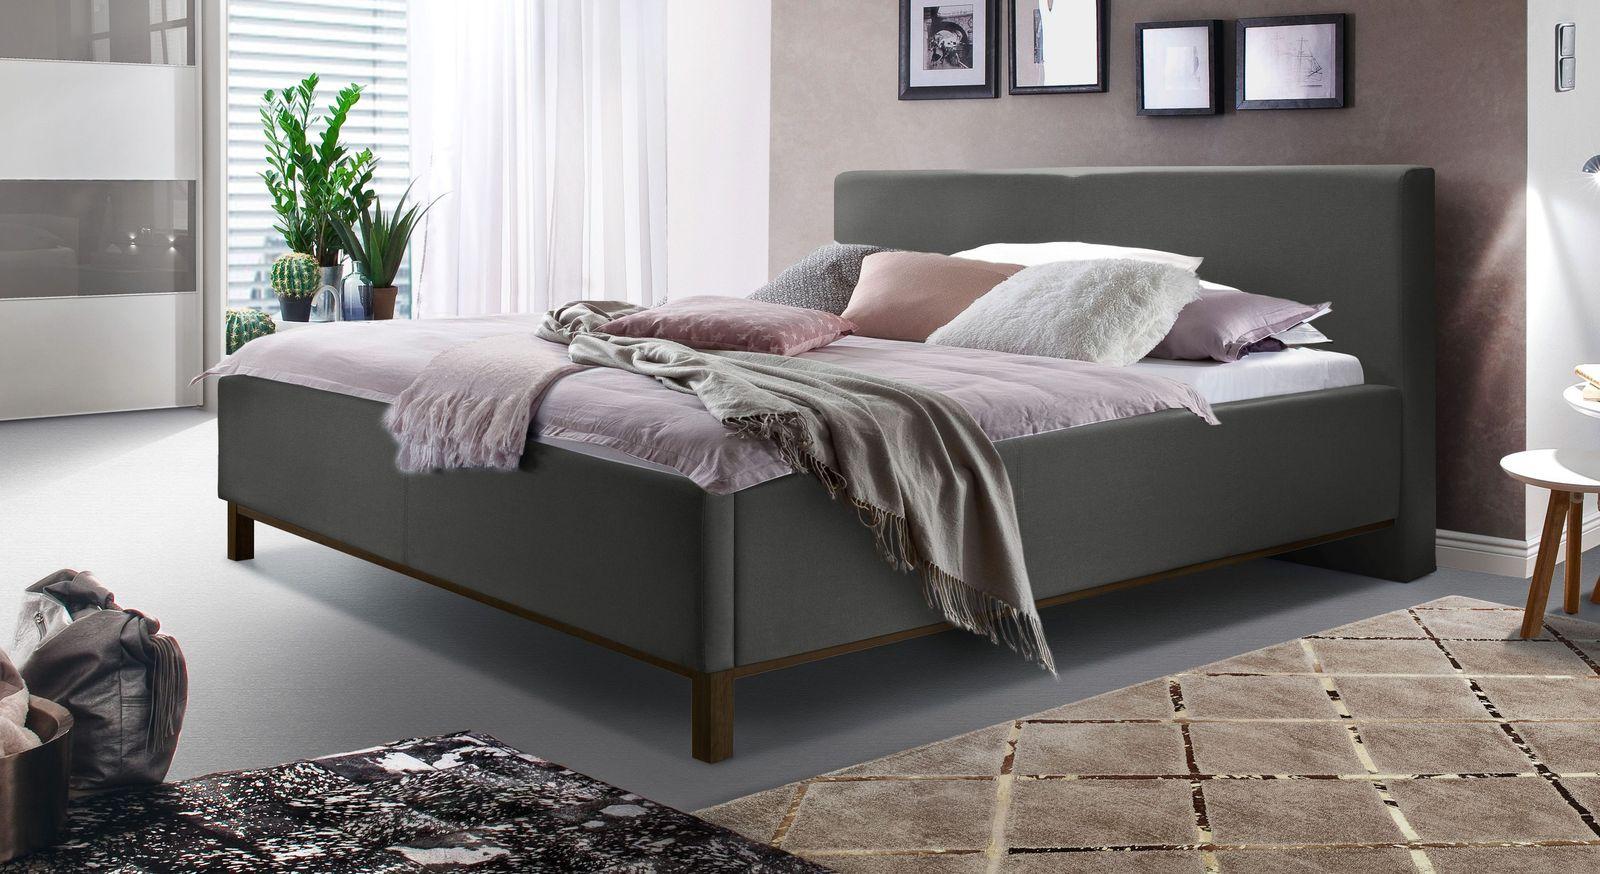 Anthrazitfarbenes Bett Tranquilo mit wengefarbenen Füßen